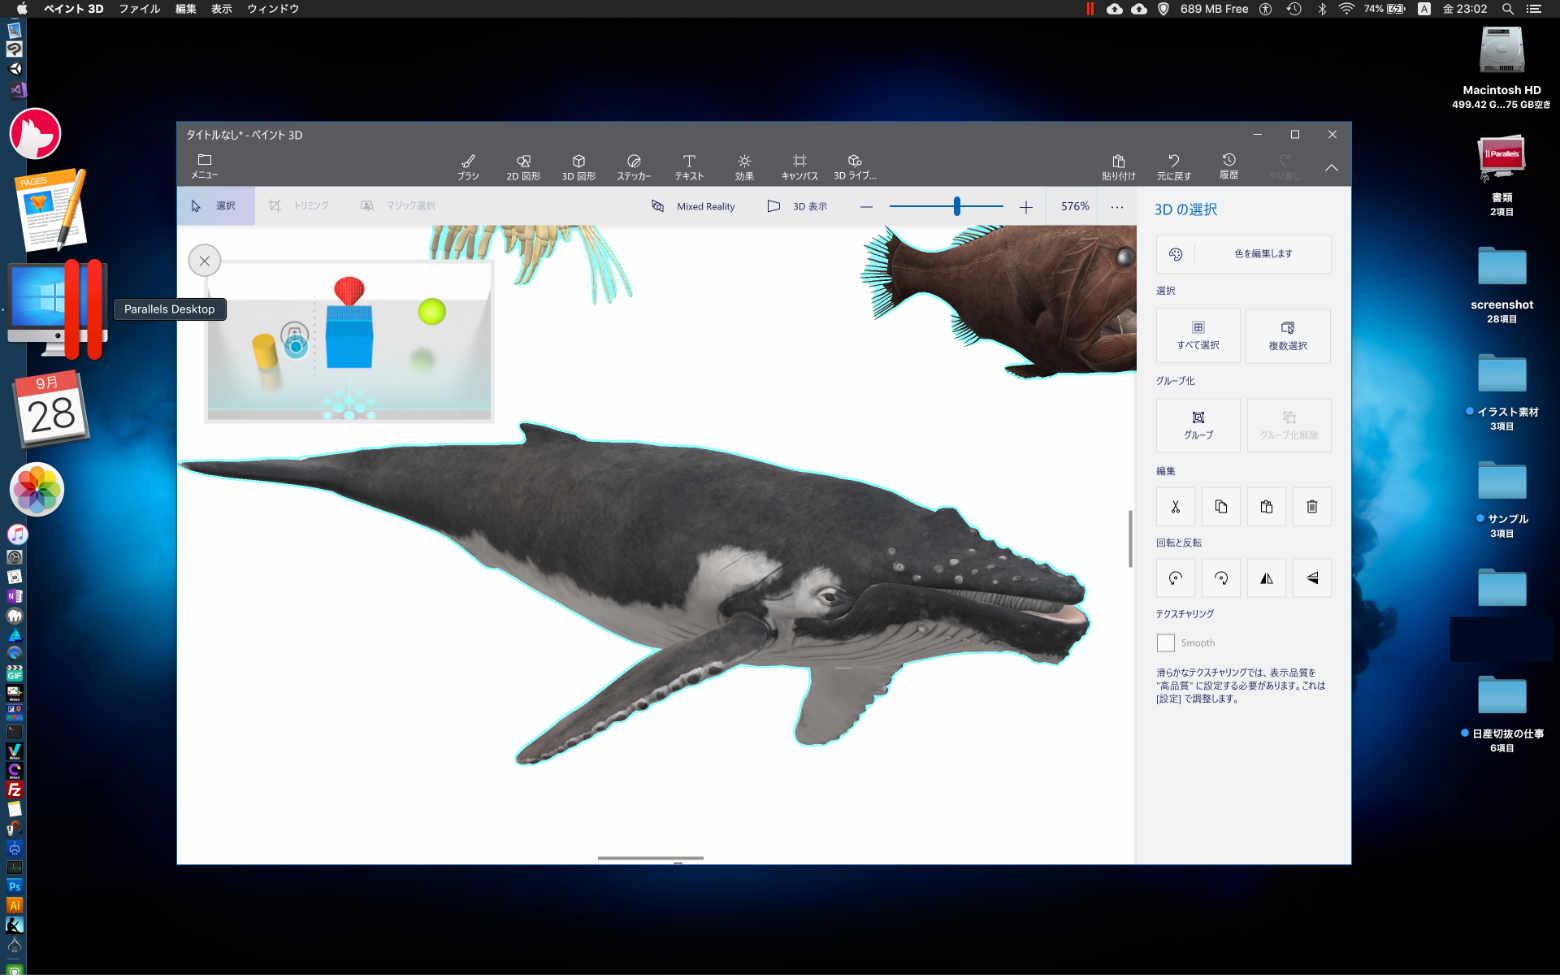 ParallelsDesktopのCoherenceモード